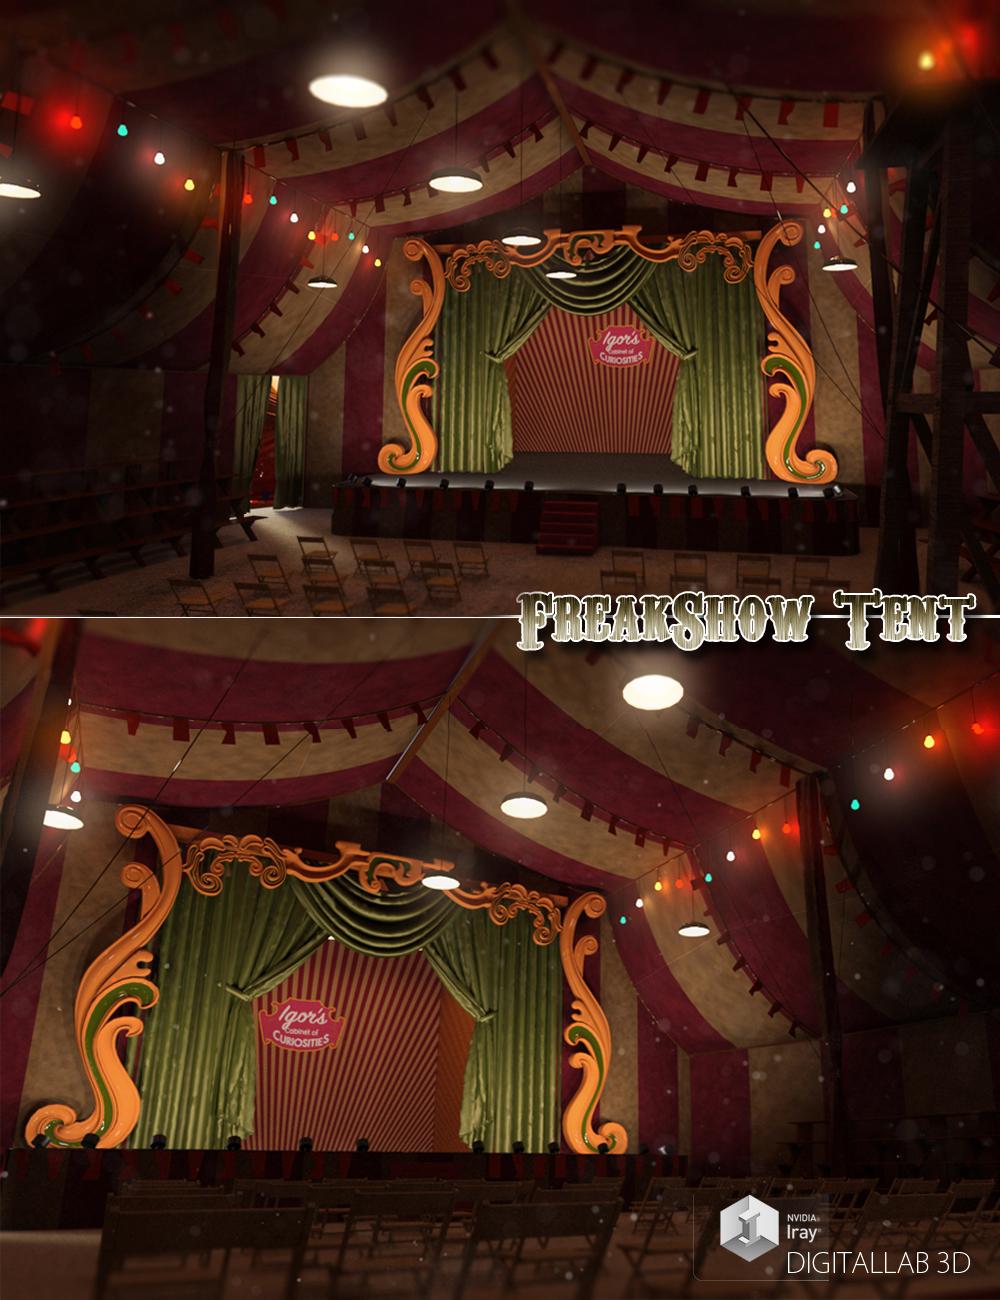 Freakshow Tent by: Digitallab3D, 3D Models by Daz 3D